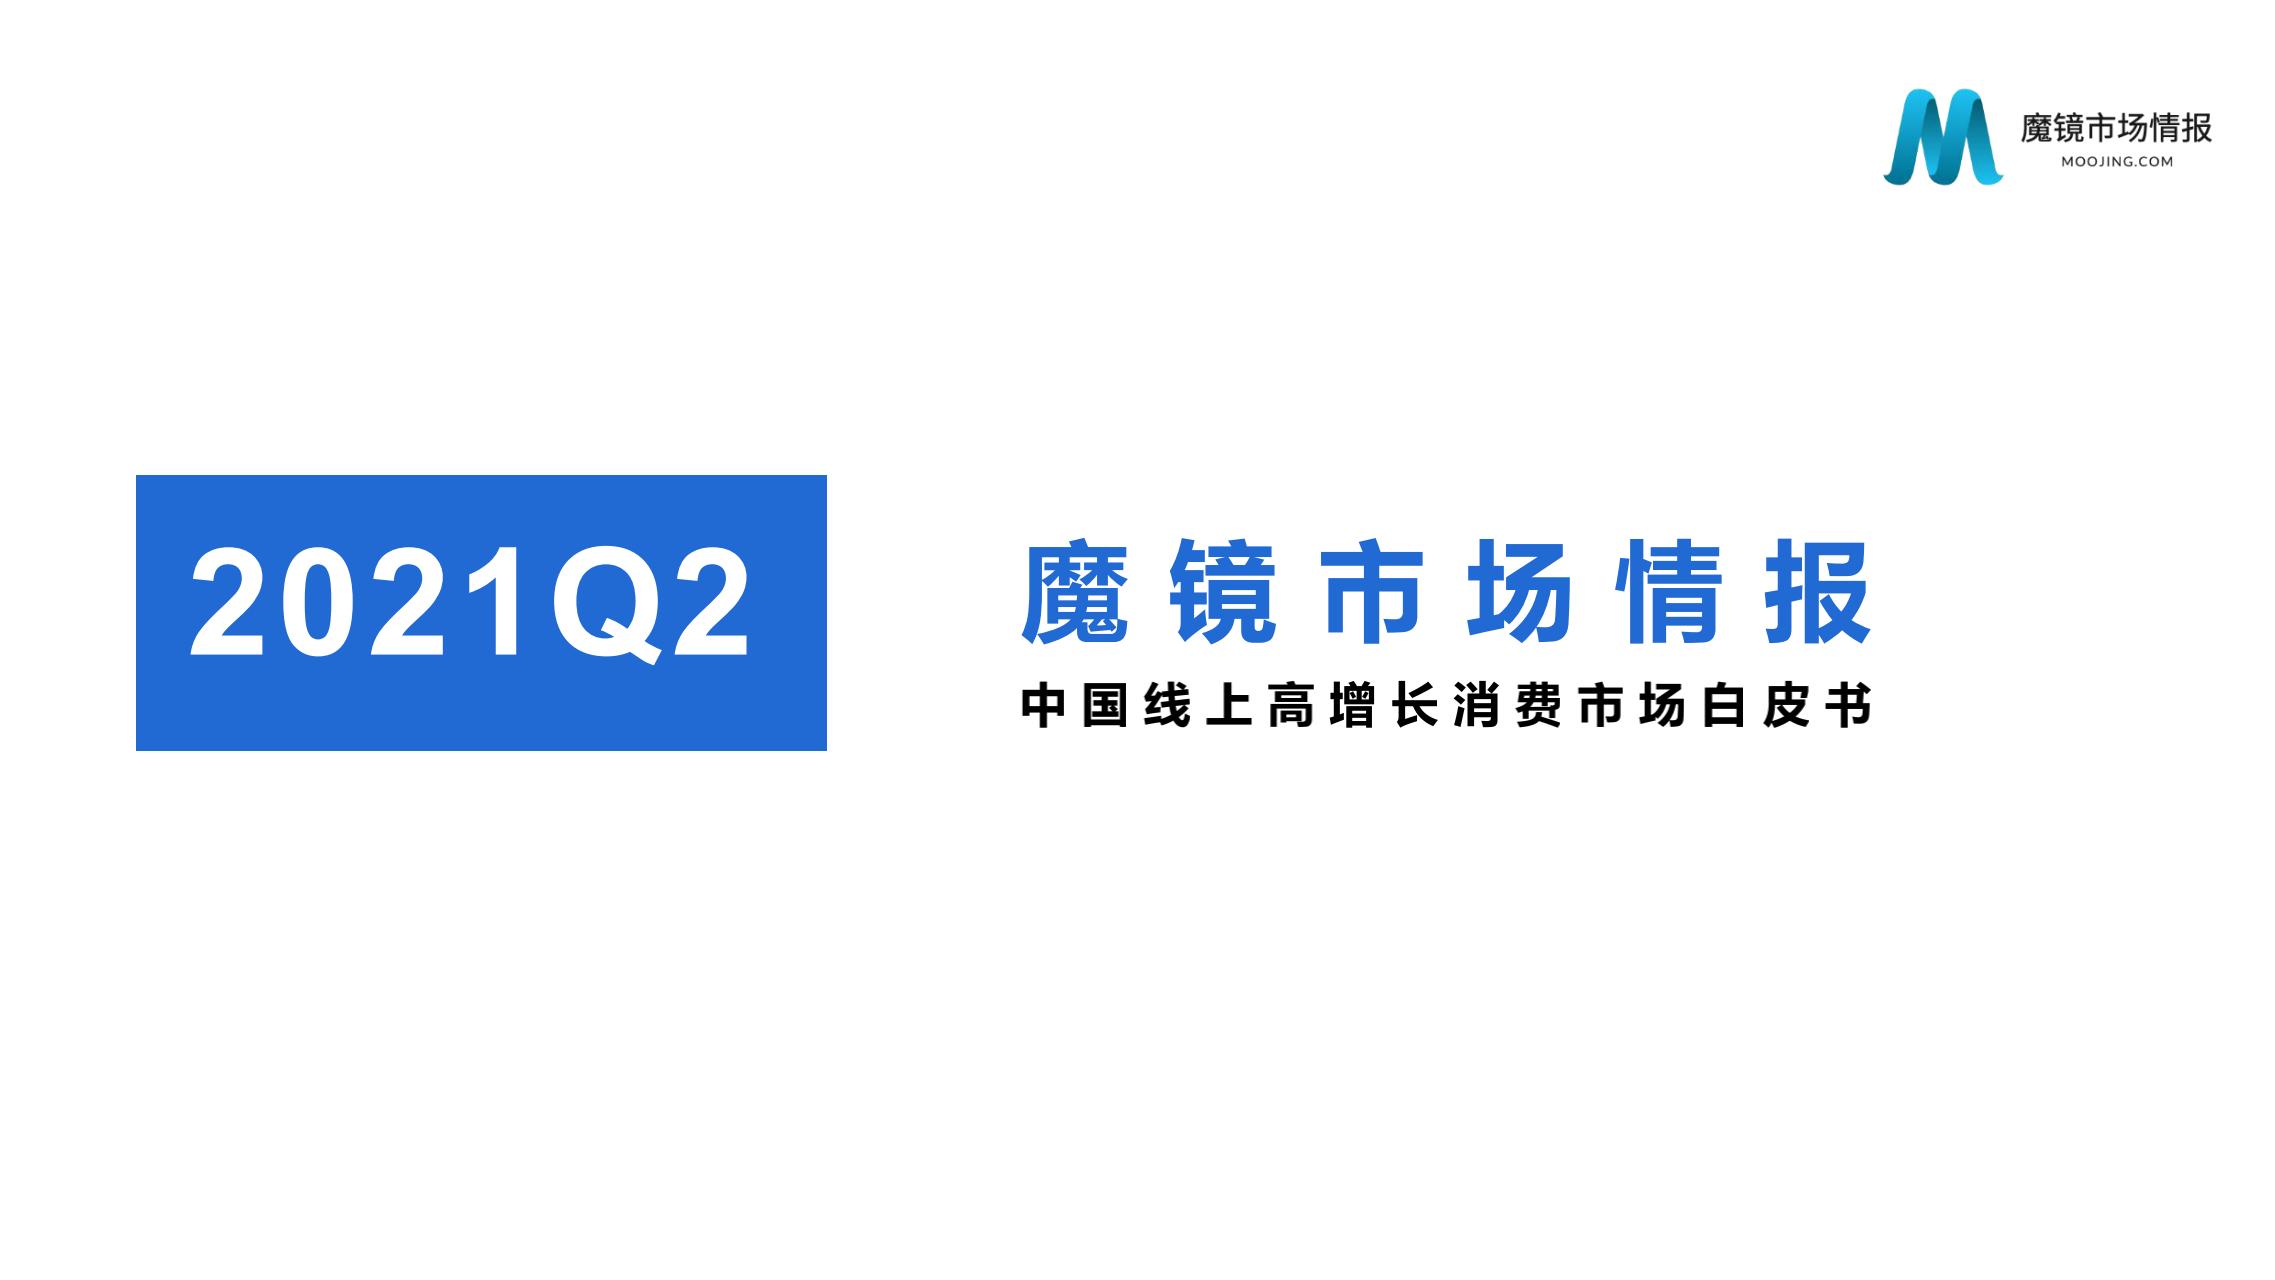 魔镜市场情报:2021Q2中国线上高增长消费市场白皮书